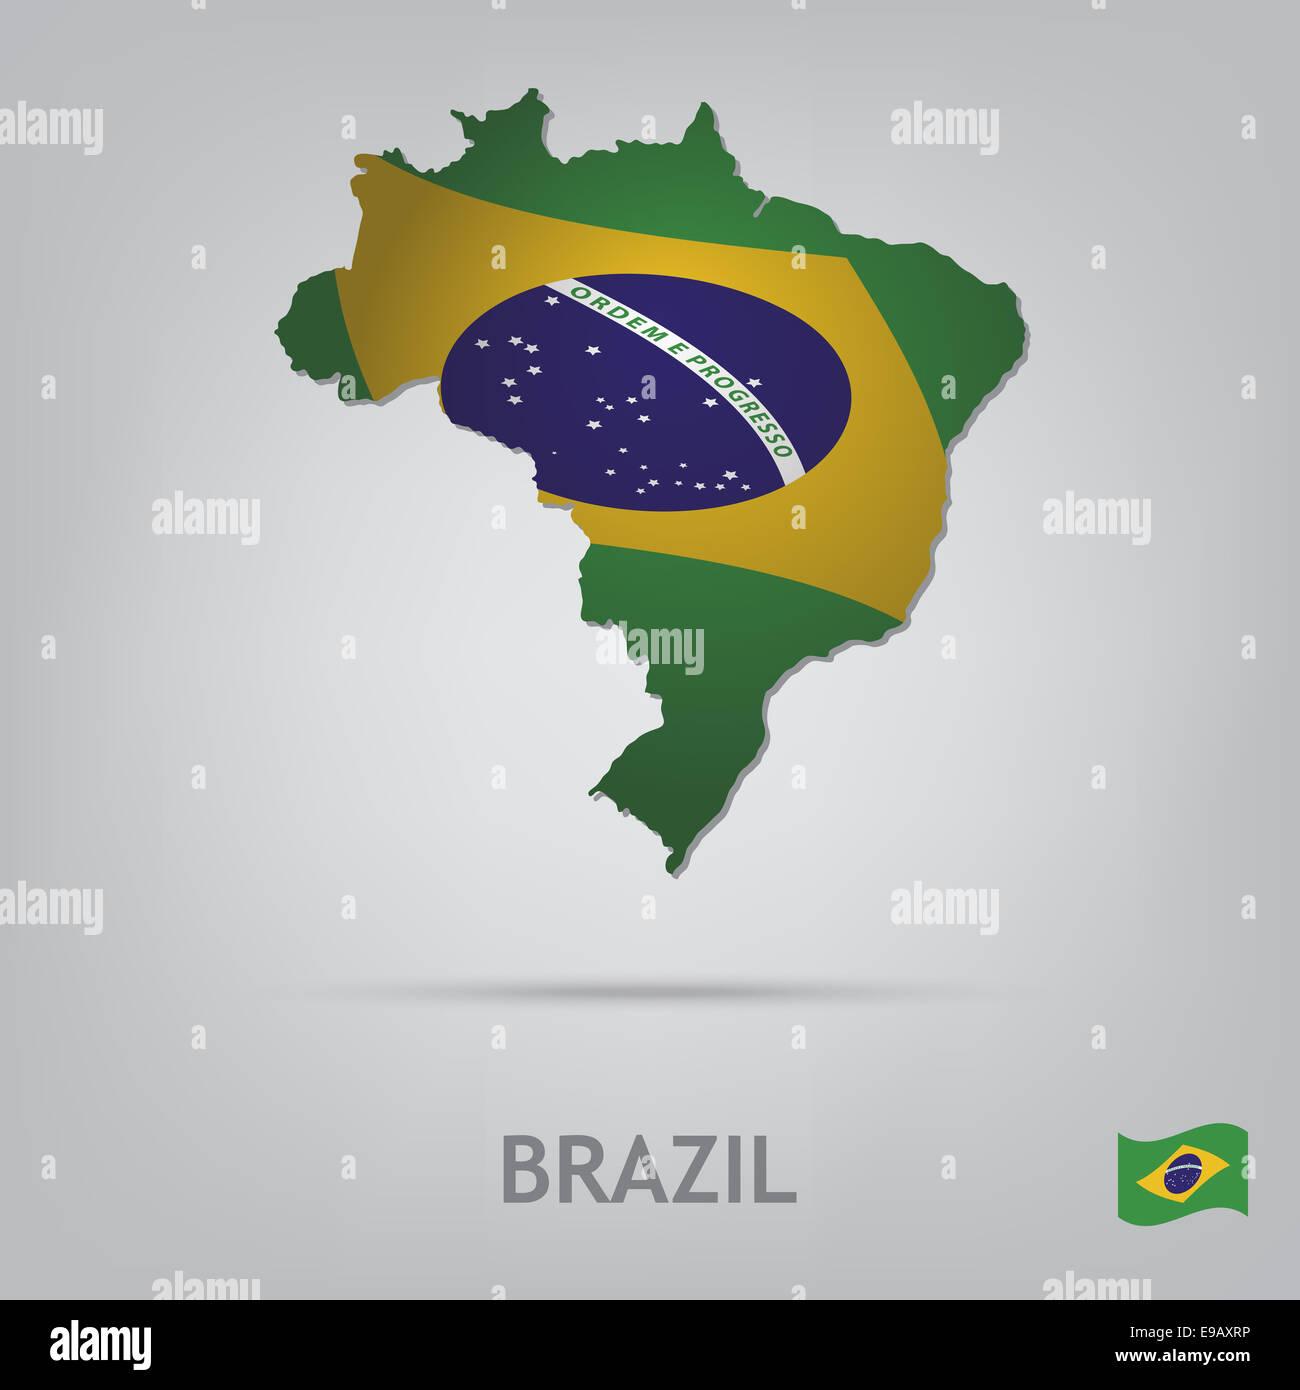 brazil - Stock Image